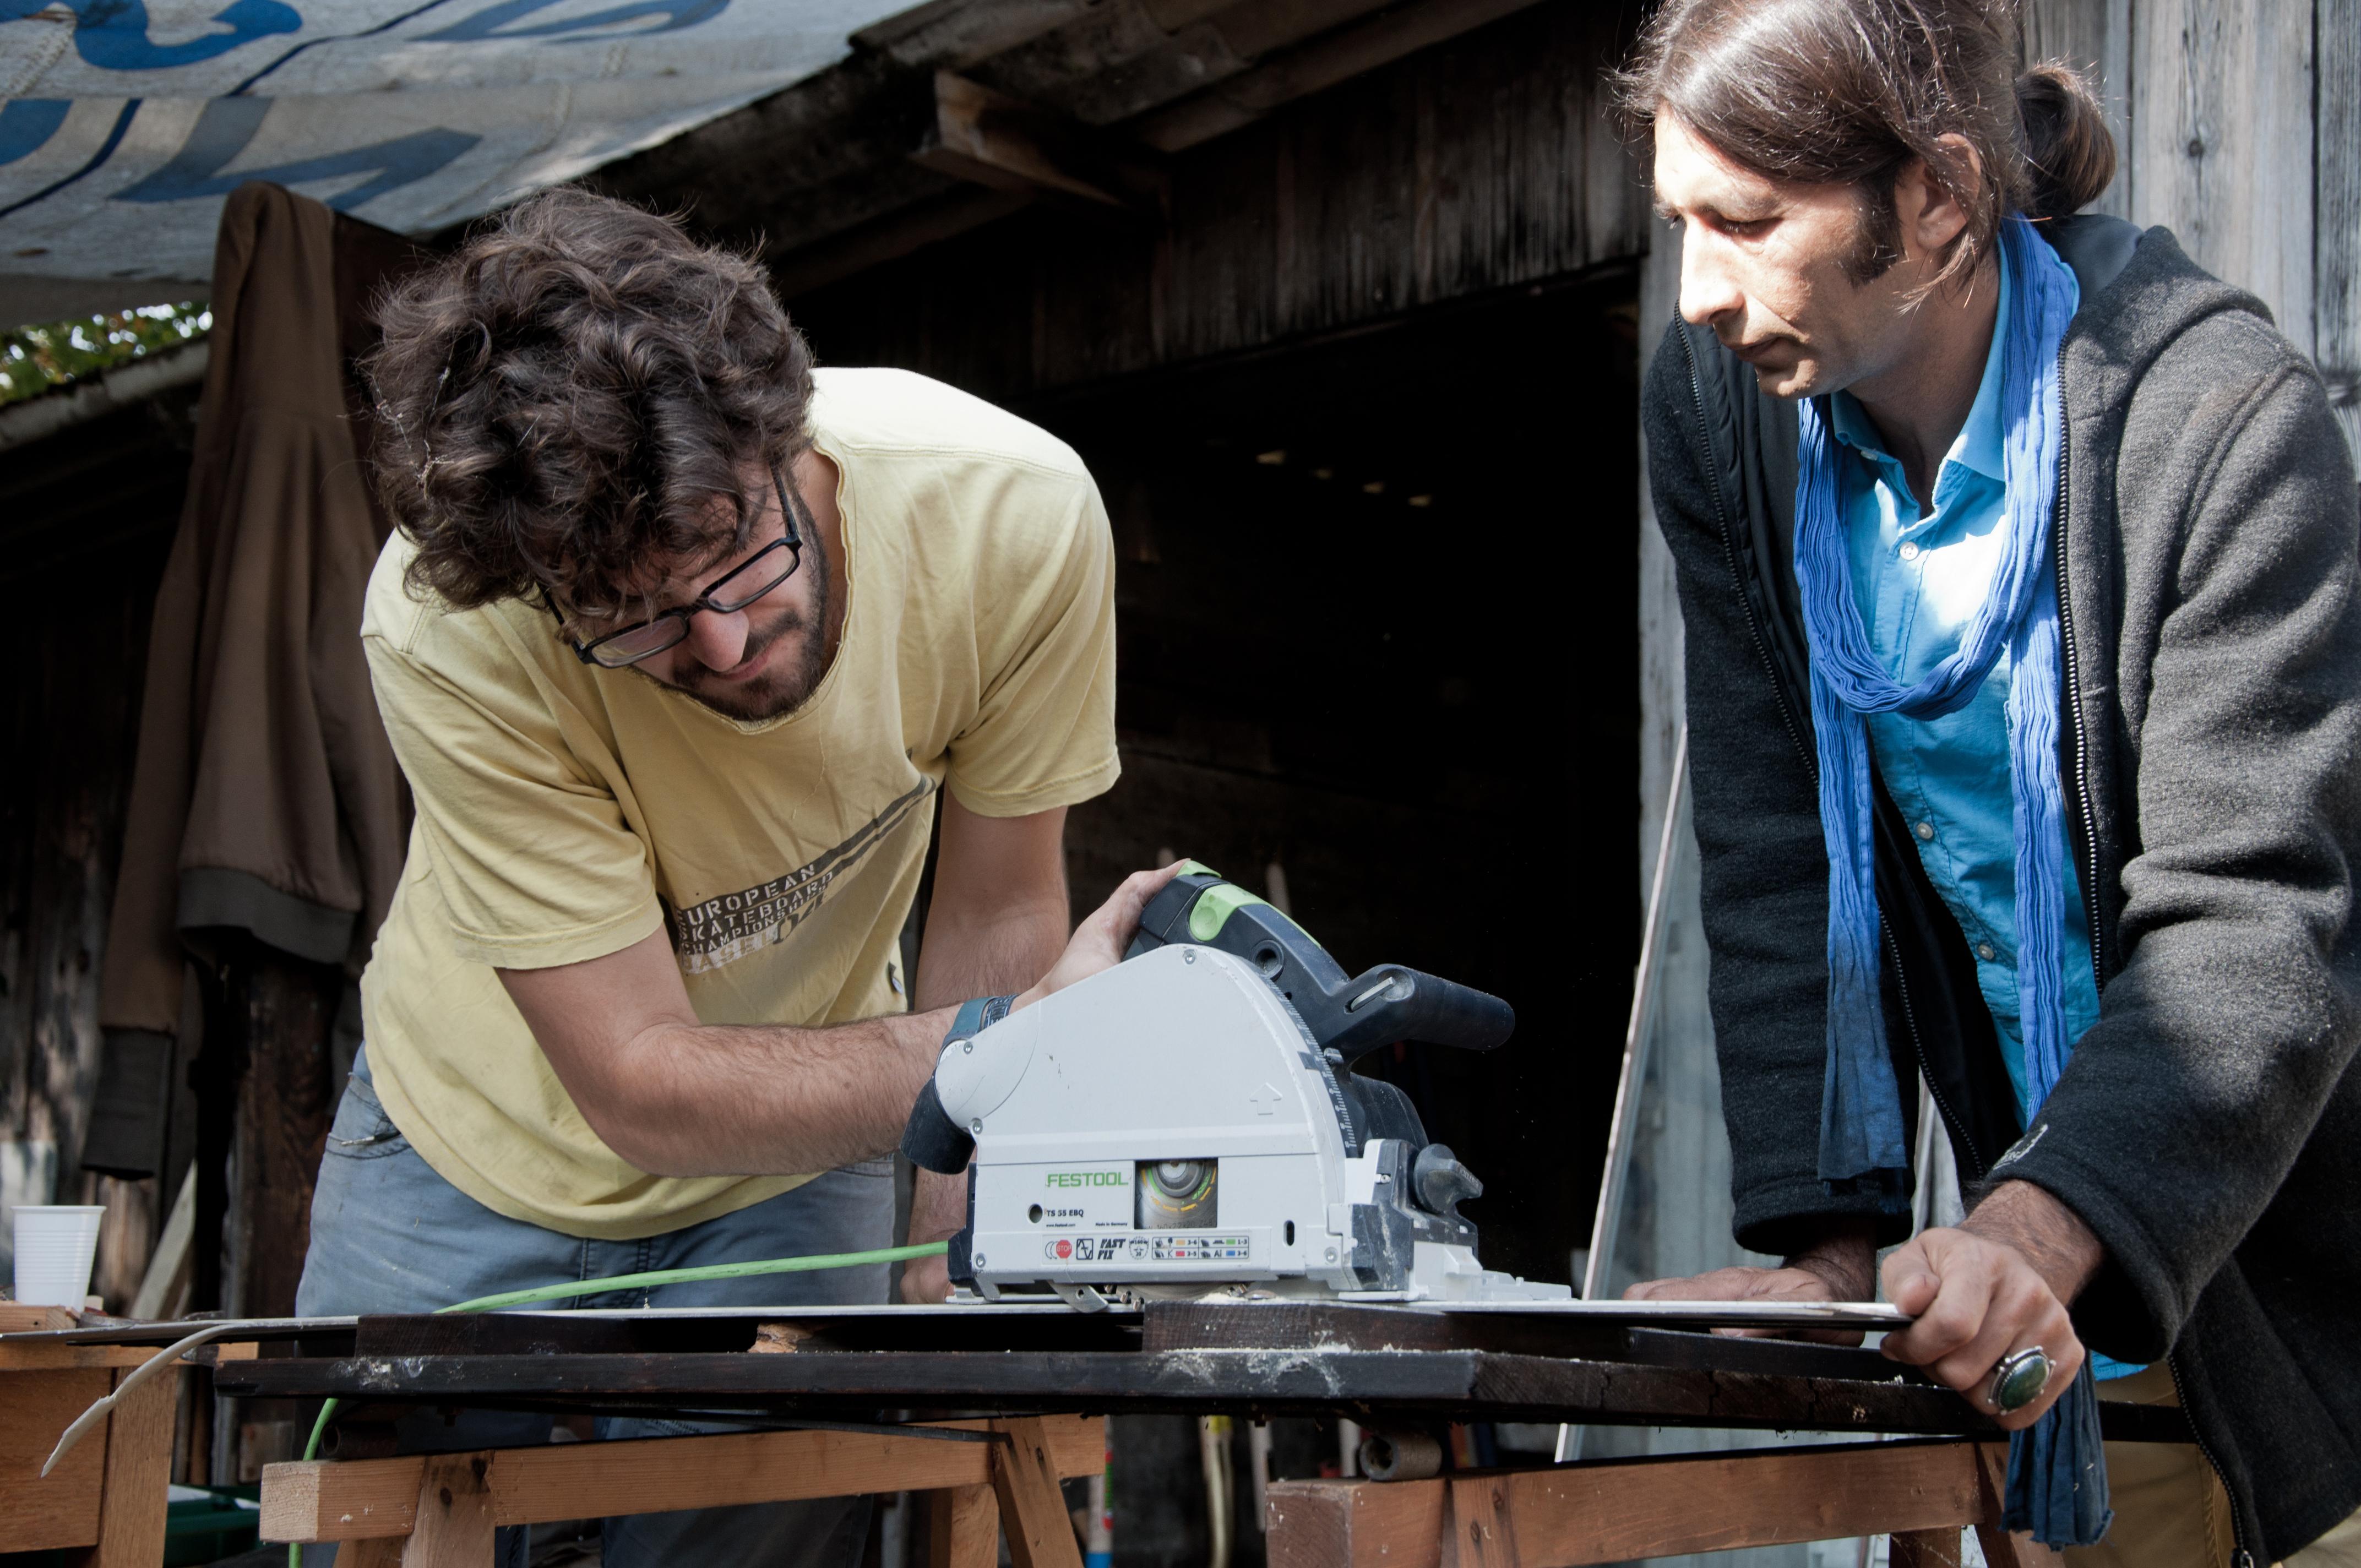 «Denkstatt sarl»-Mitarbeiter Pan Stoll (links im Bild) hat viel Zeit auf dem Werkhof verbracht und sich neuen Herausforderungen gestellt.